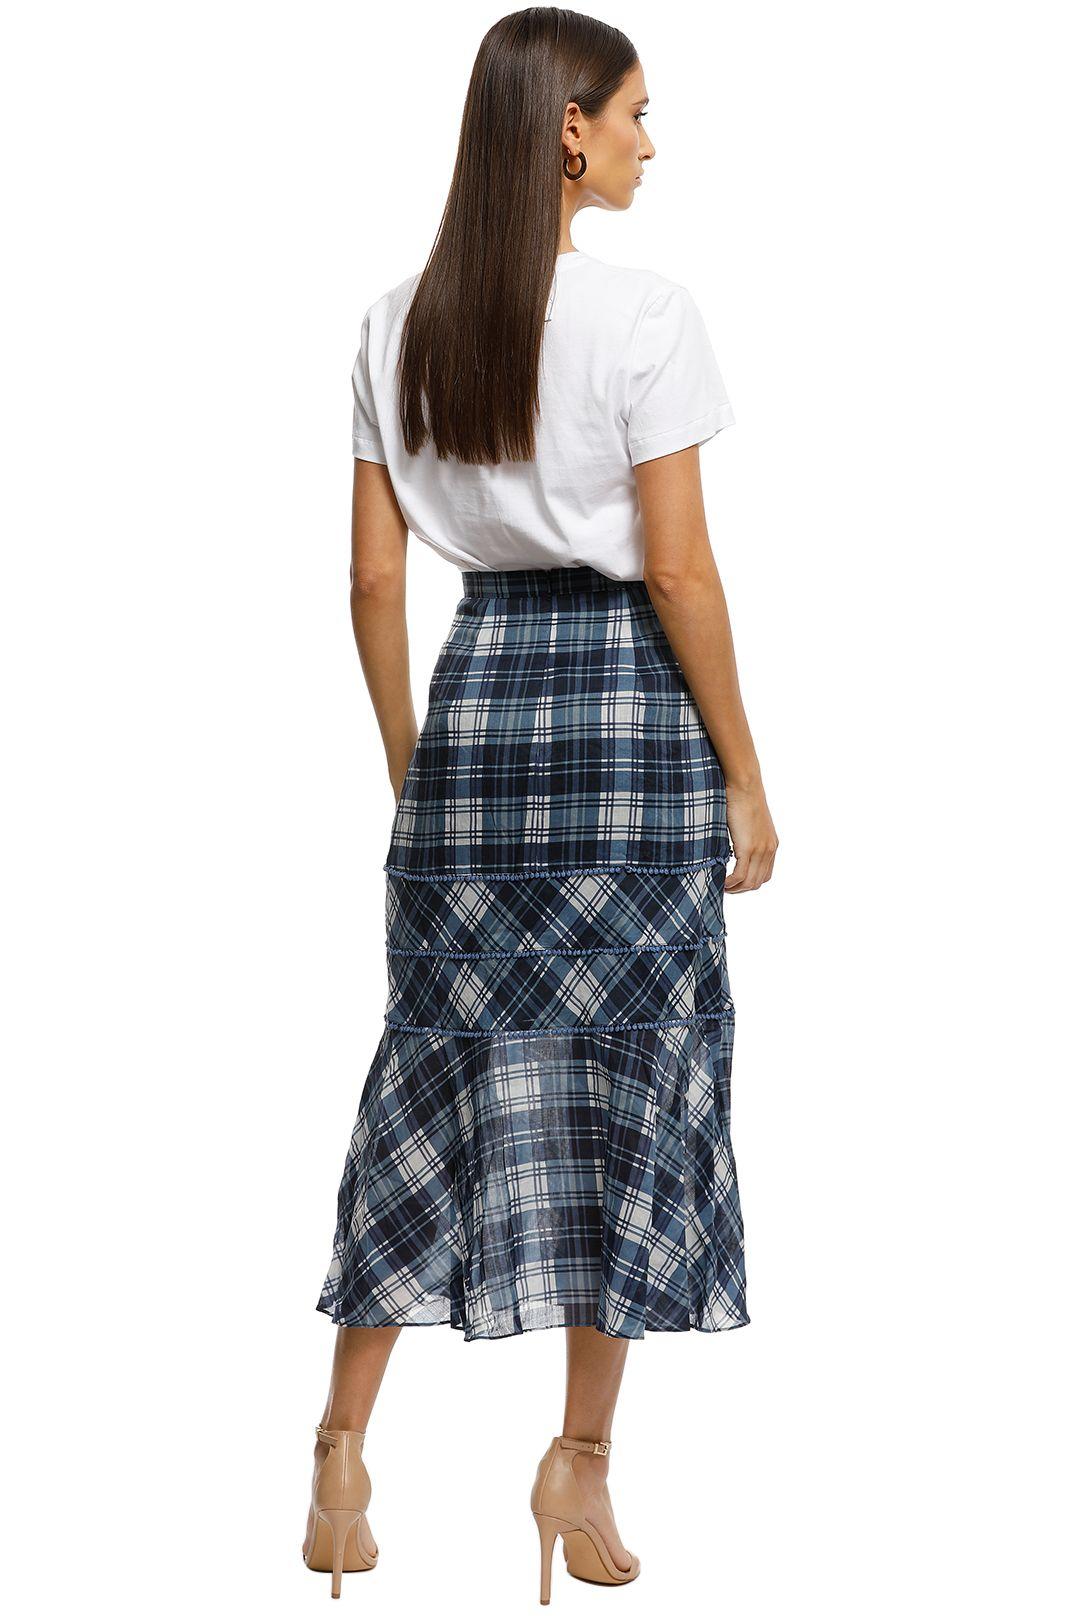 Stevie-May-Devon-Midi-Skirt-Navy-Plaid-Back